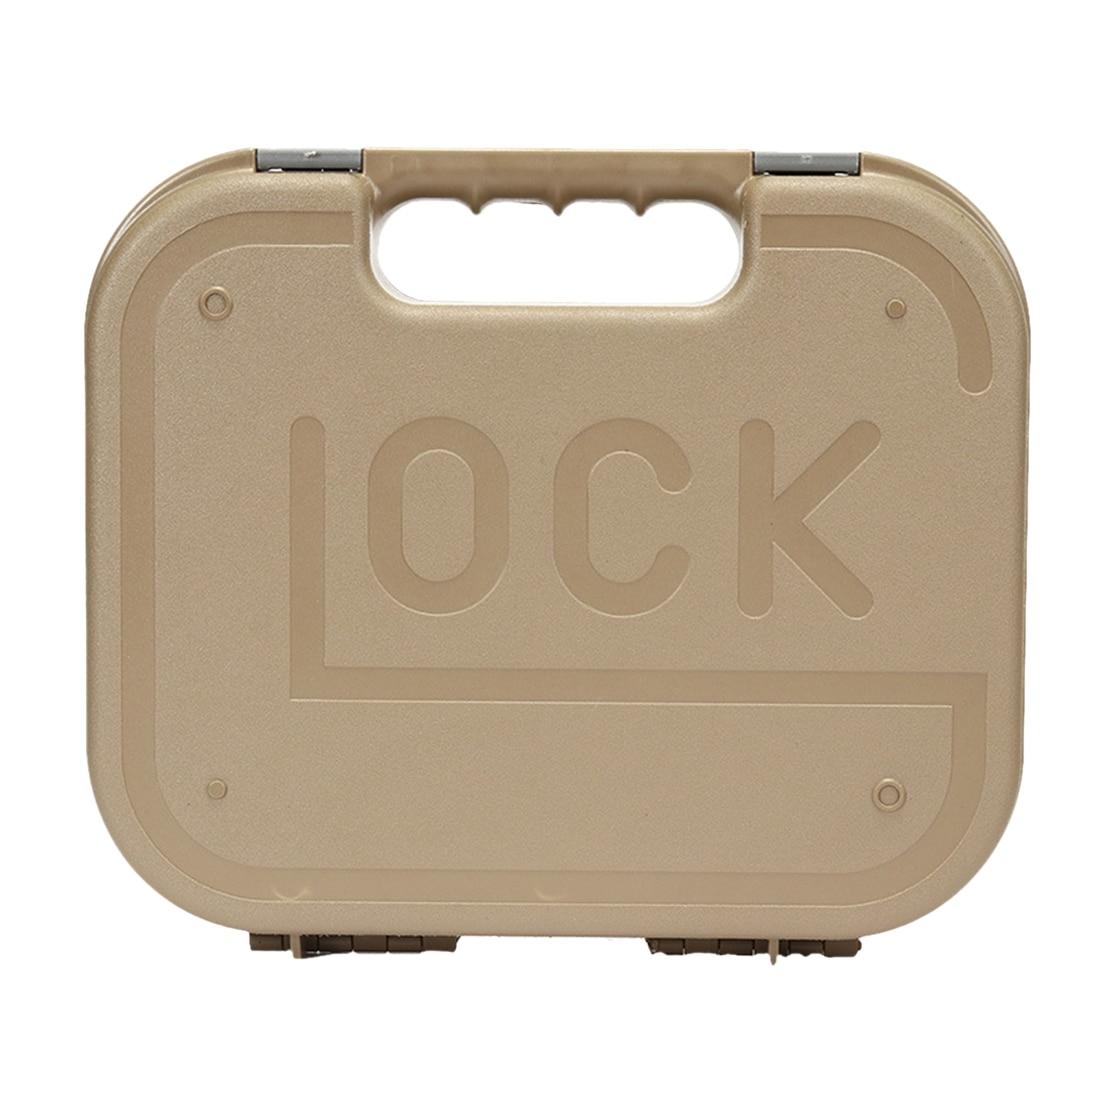 Mallette de rangement en plastique résistant à l'humidité pour boîte de sécurité en plastique pour Glock Mini perles de Gel d'eau Blaster extérieur modifié noir/Tan